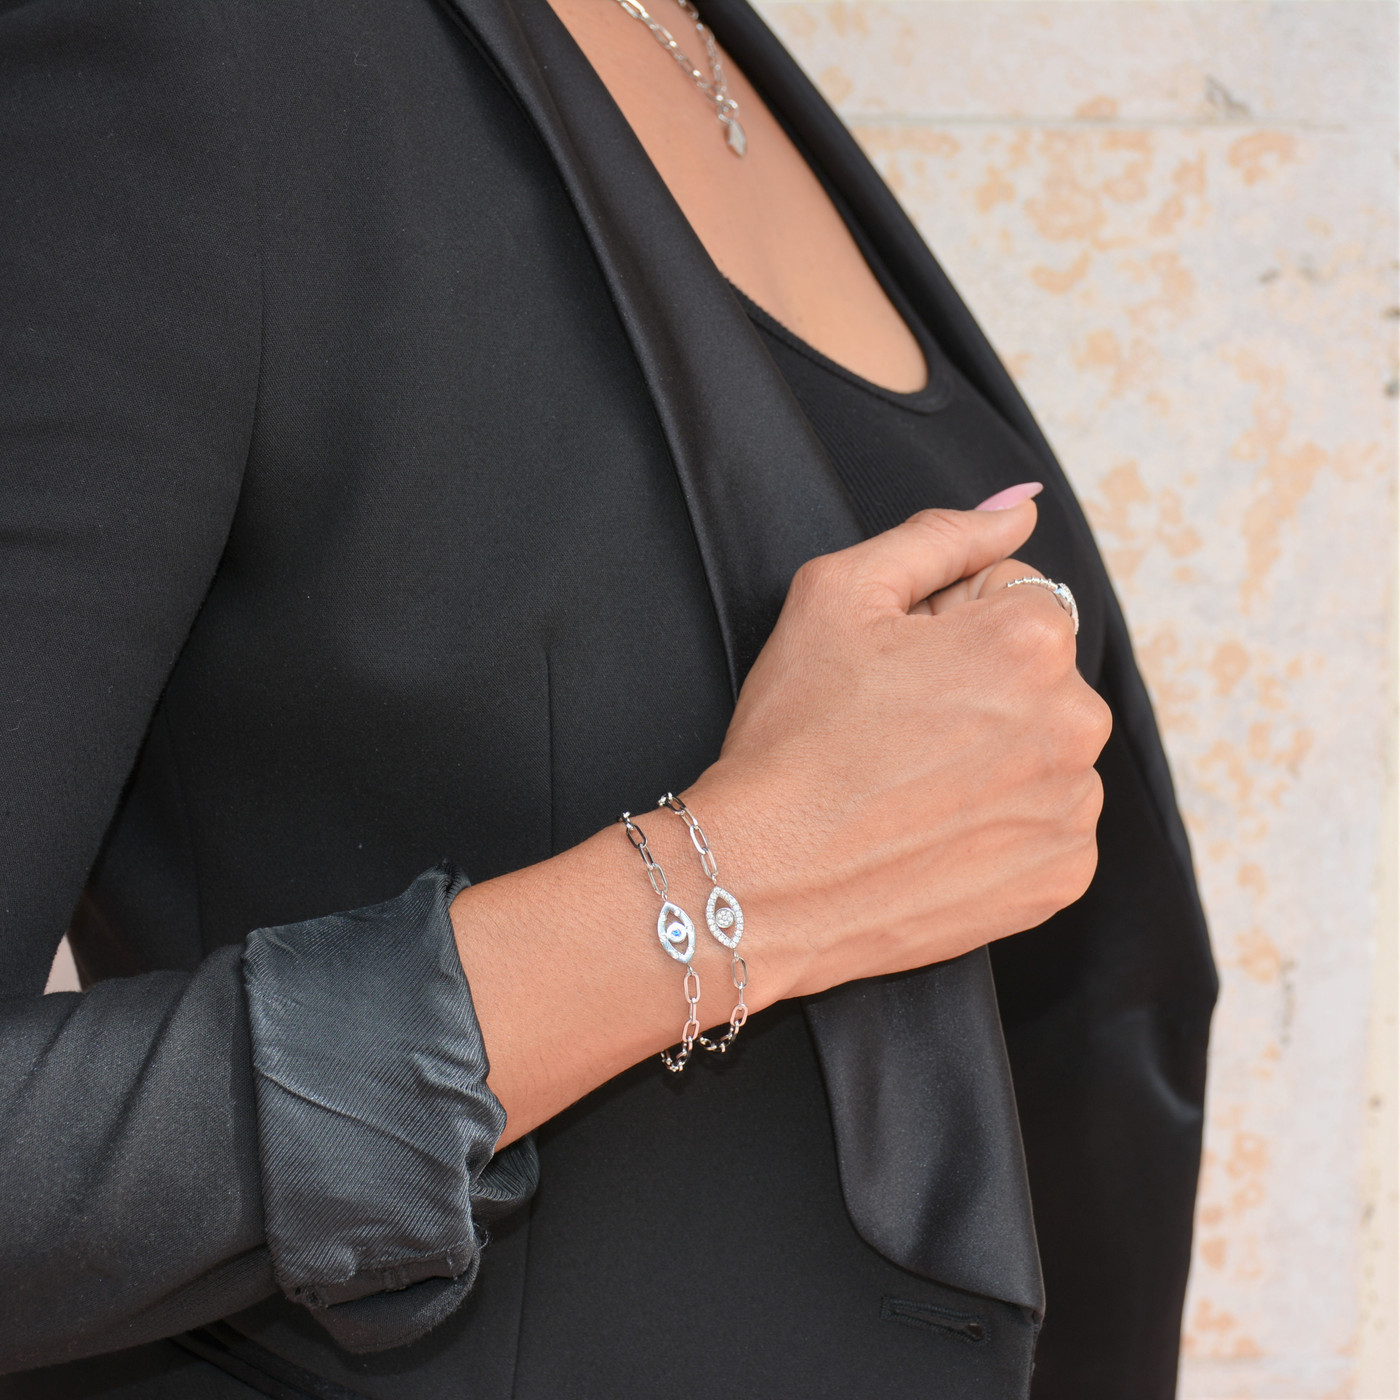 Mini Evil Eye Pave Chain Bracelet Silver